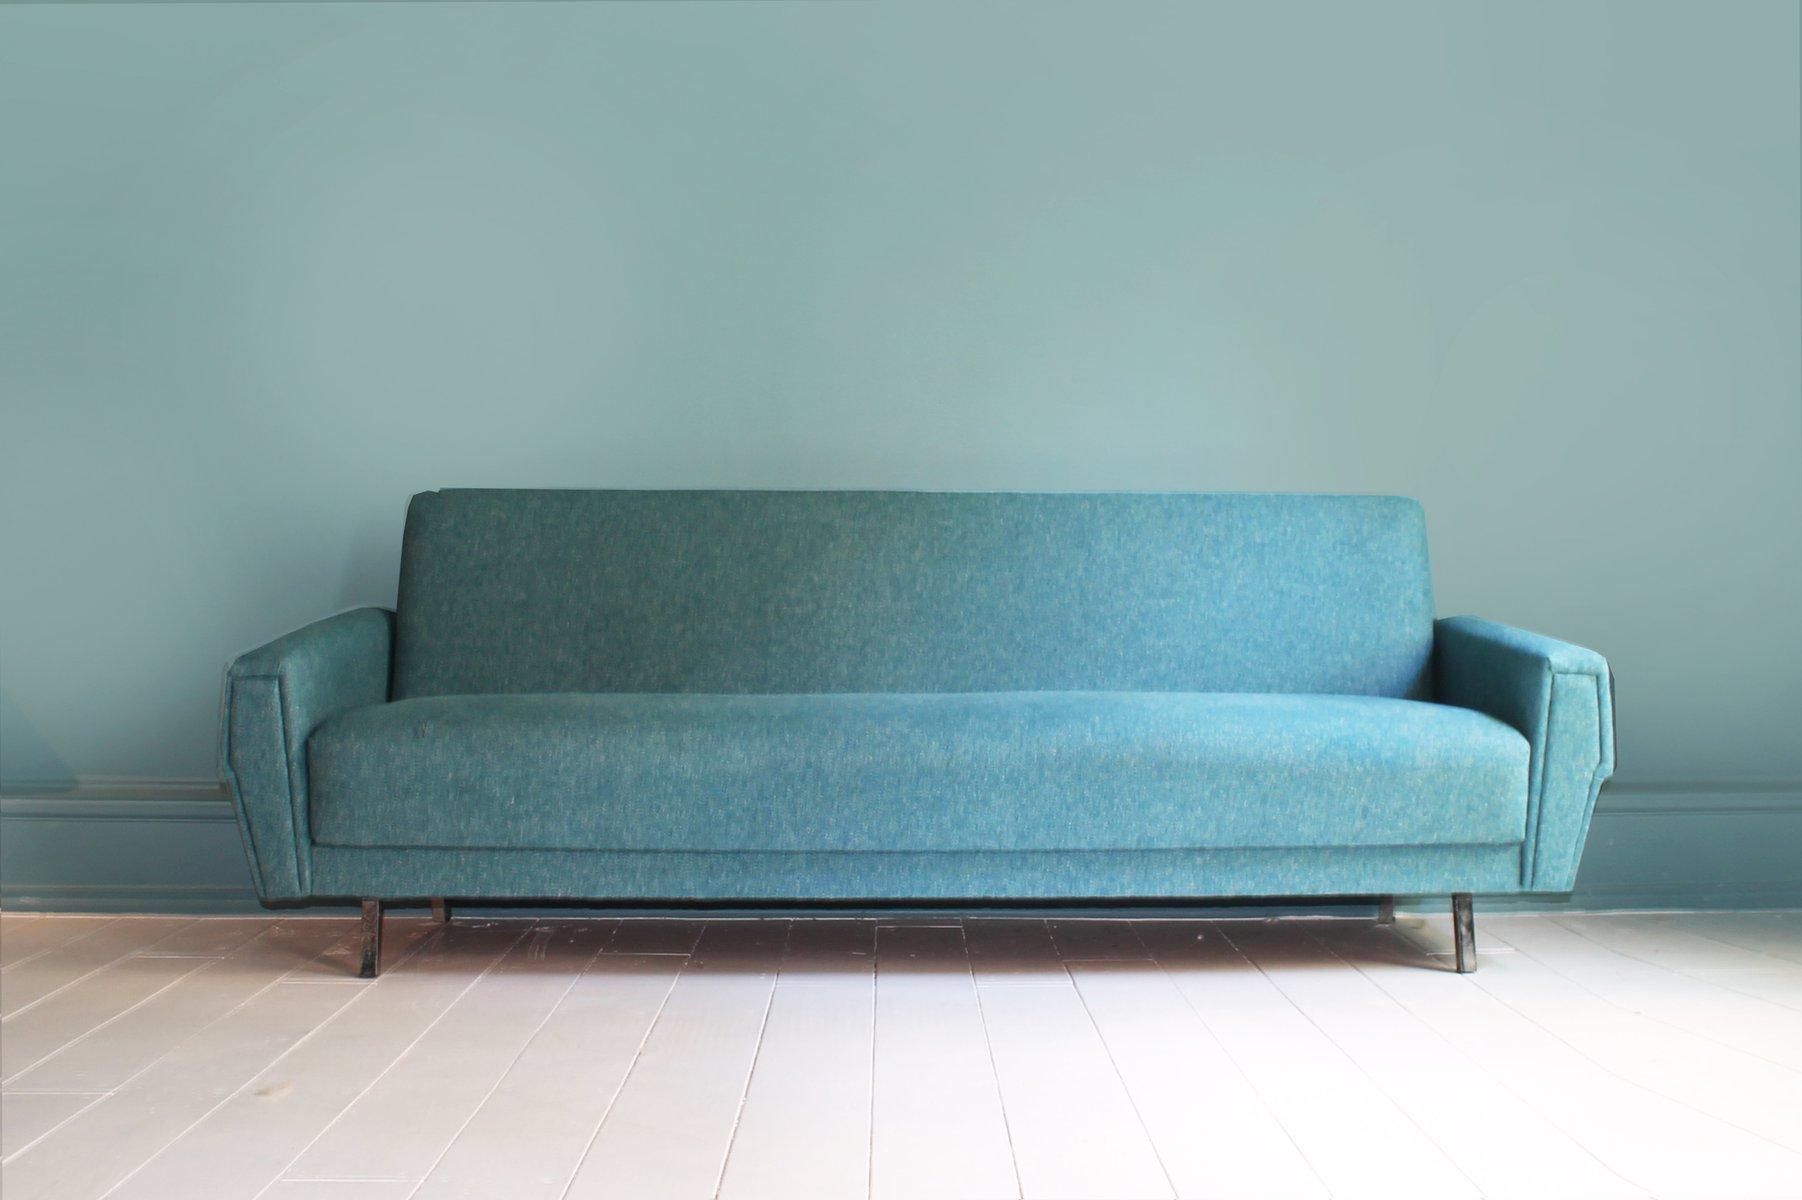 d nisches vintage sofa mit umweltvertr glichem bezug bei pamono kaufen. Black Bedroom Furniture Sets. Home Design Ideas